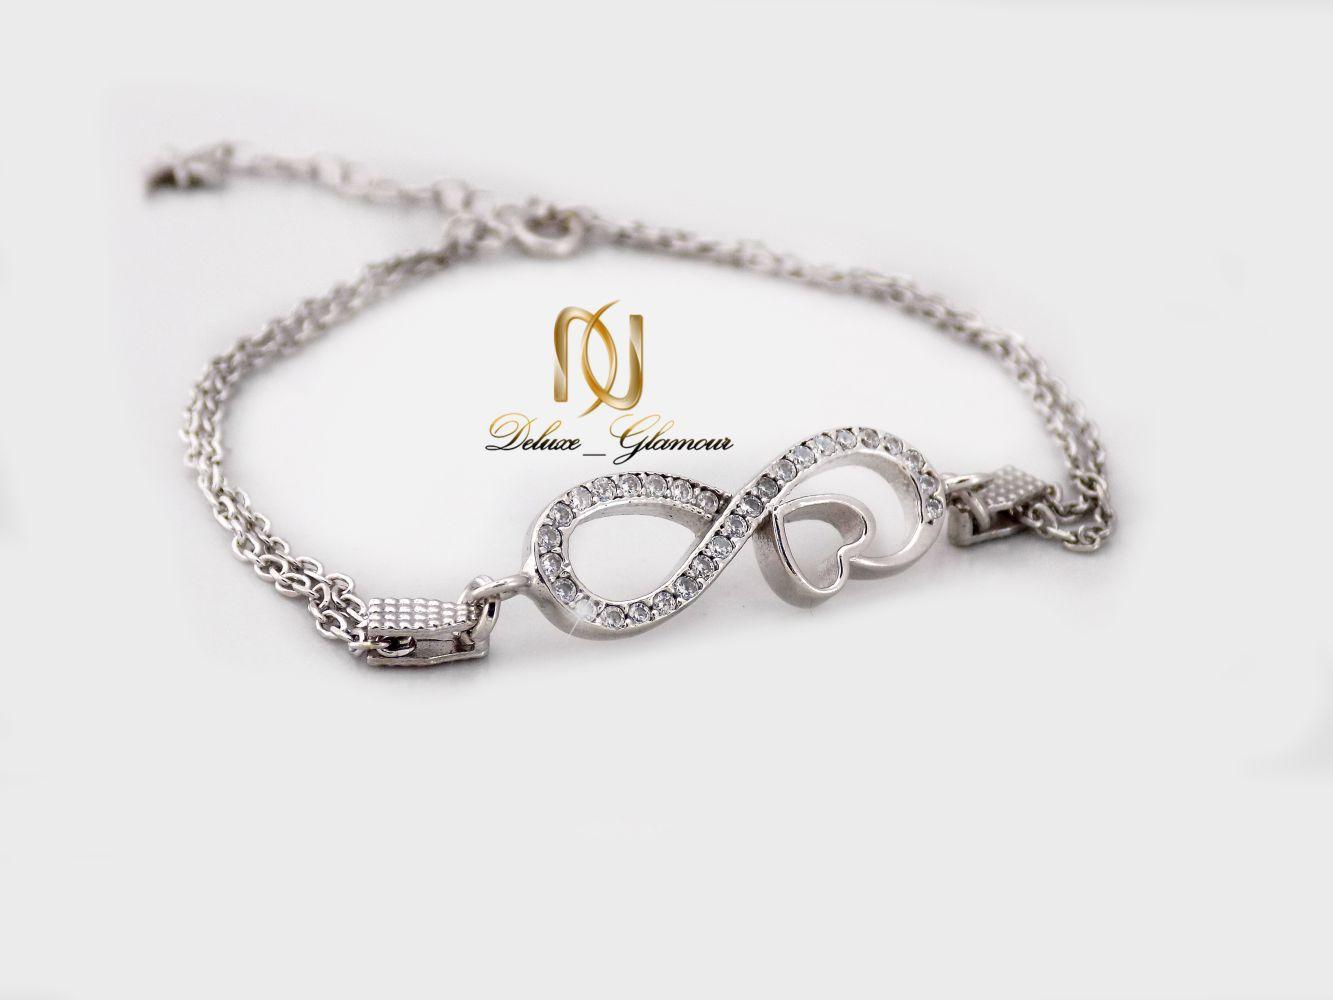 دستبند نقره دخترانه بی نهایت با نگین برلیان اتمی اصل ds-n239 از نمای دور